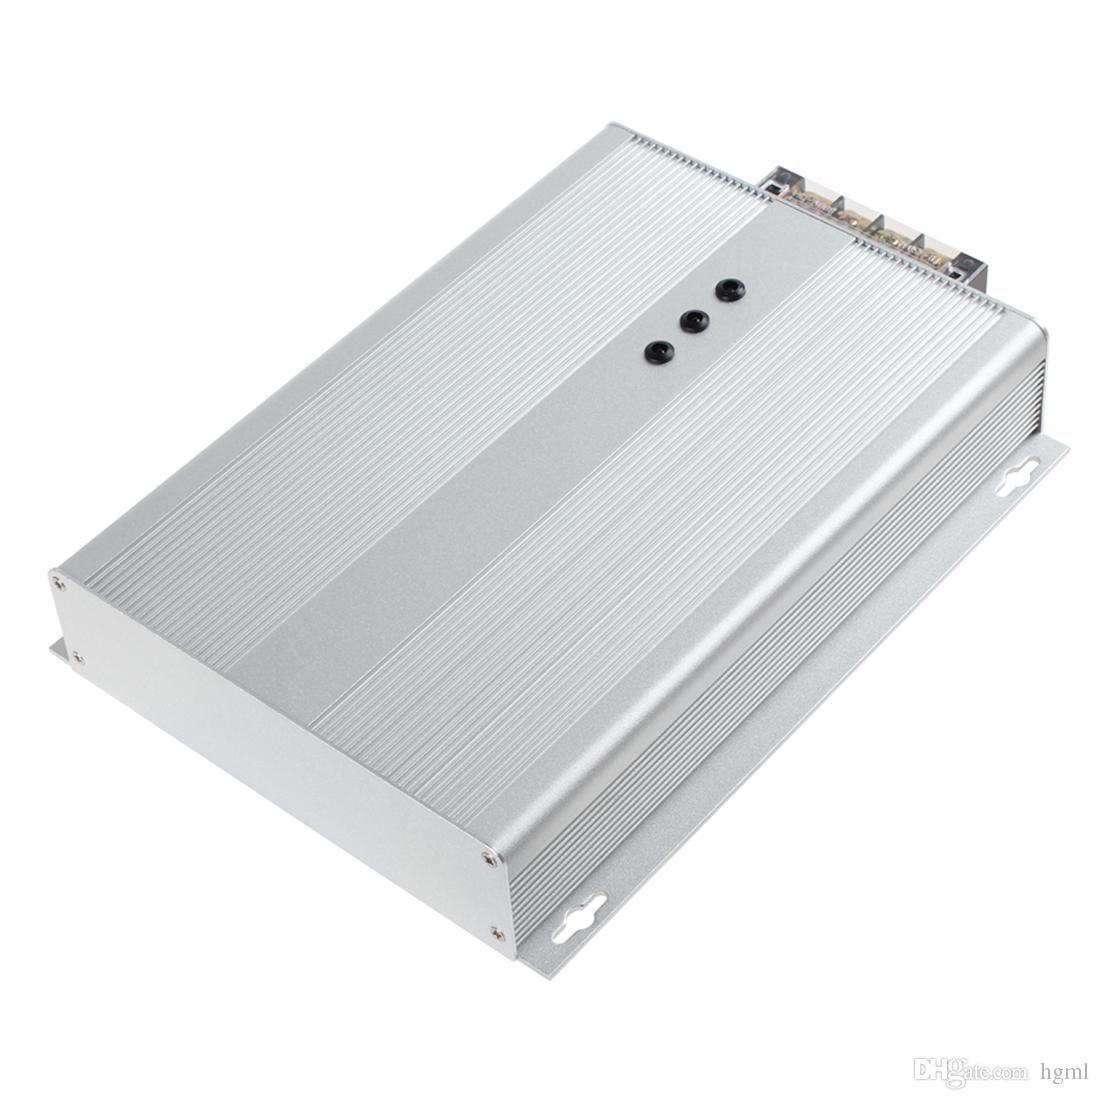 US EU UK fiche 45KW / 60KW Économiseur d'énergie Intelliworks Energy Savers Économiseur d'énergie triphasé CA 90-400V pour économie d'énergie Économie d'énergie 35% EGS1B0